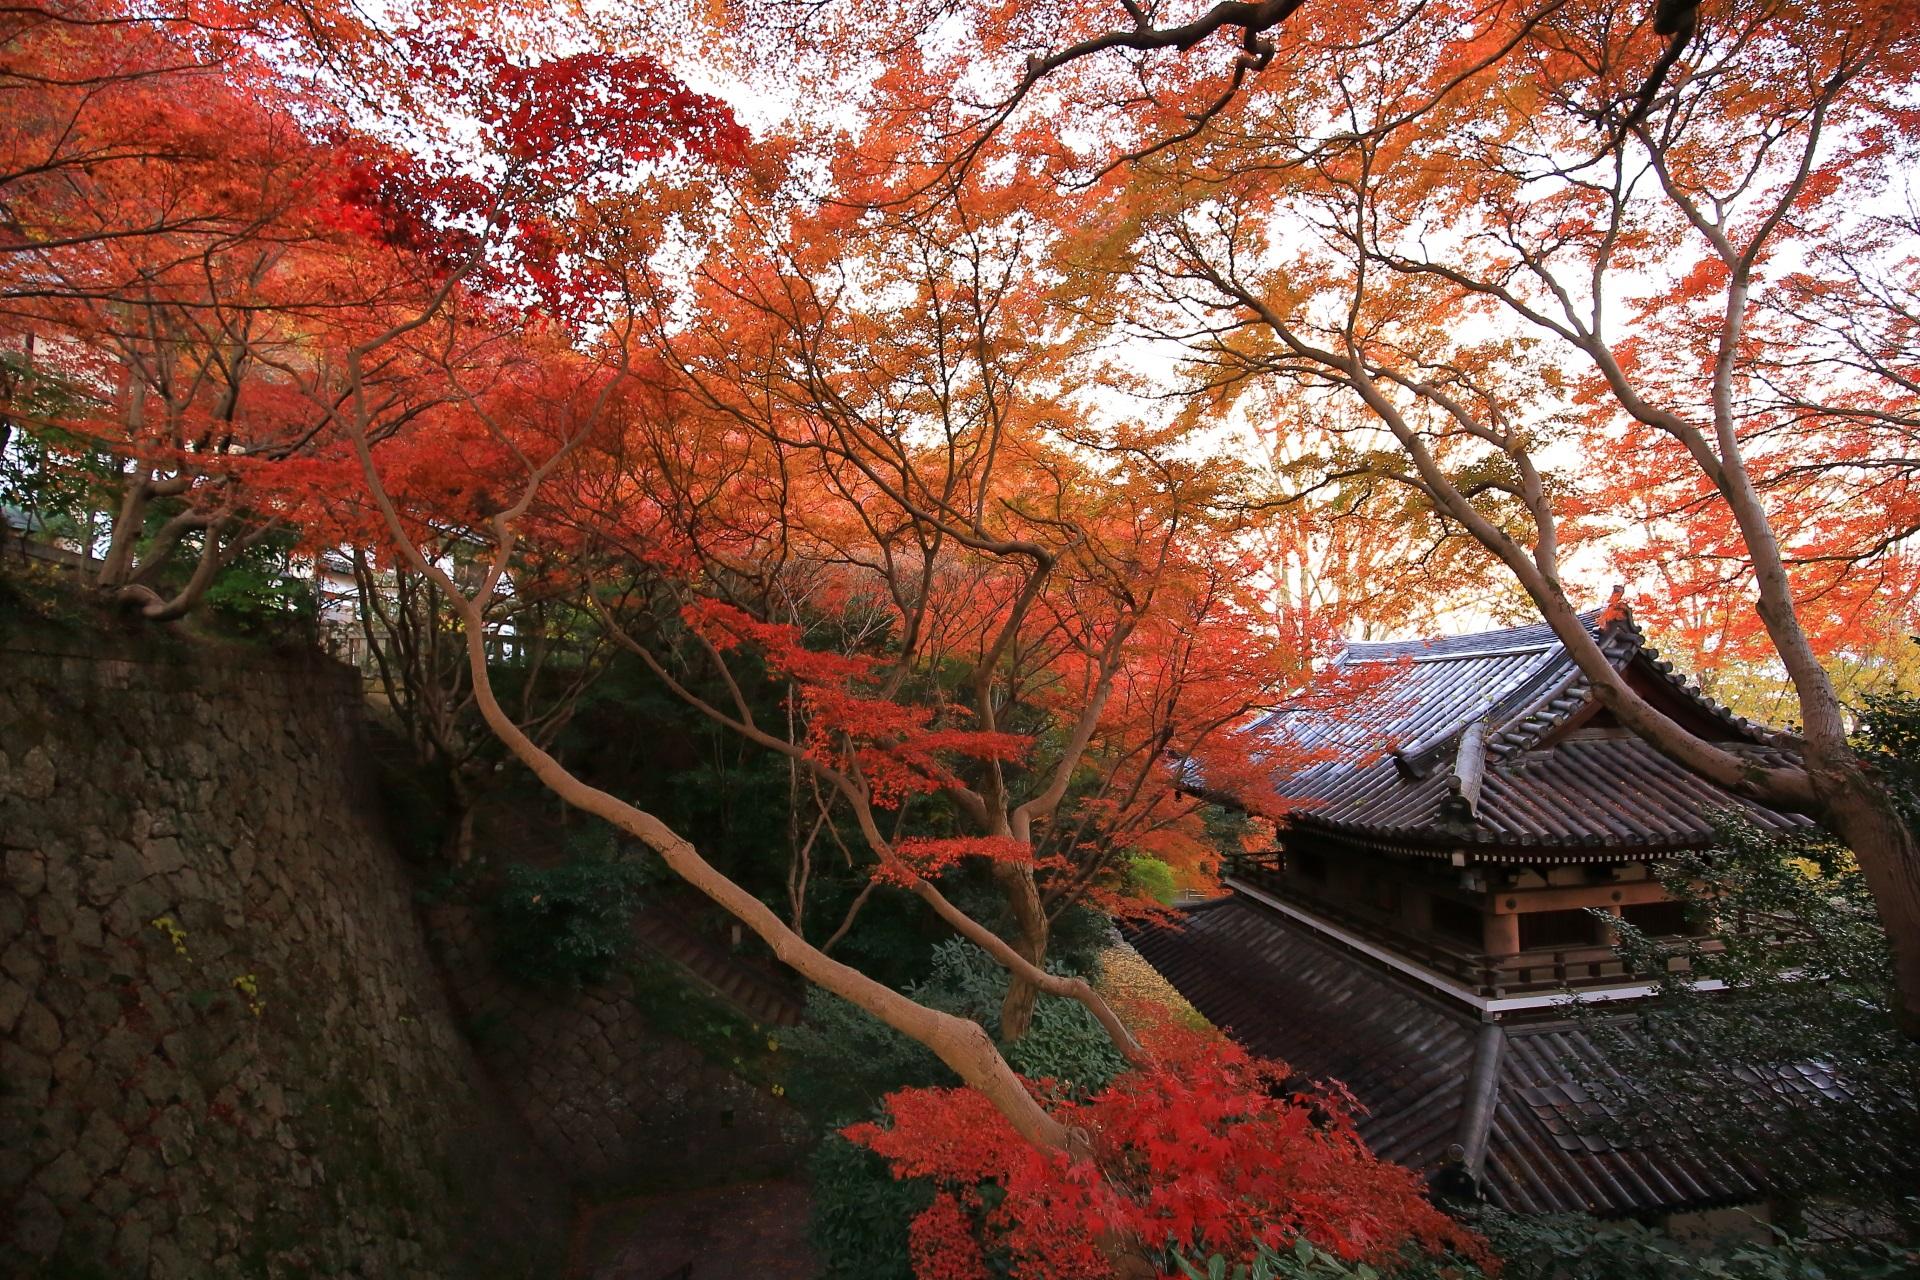 何本ものもみじや楓が織り成す山崎聖天の独特の紅葉の風景